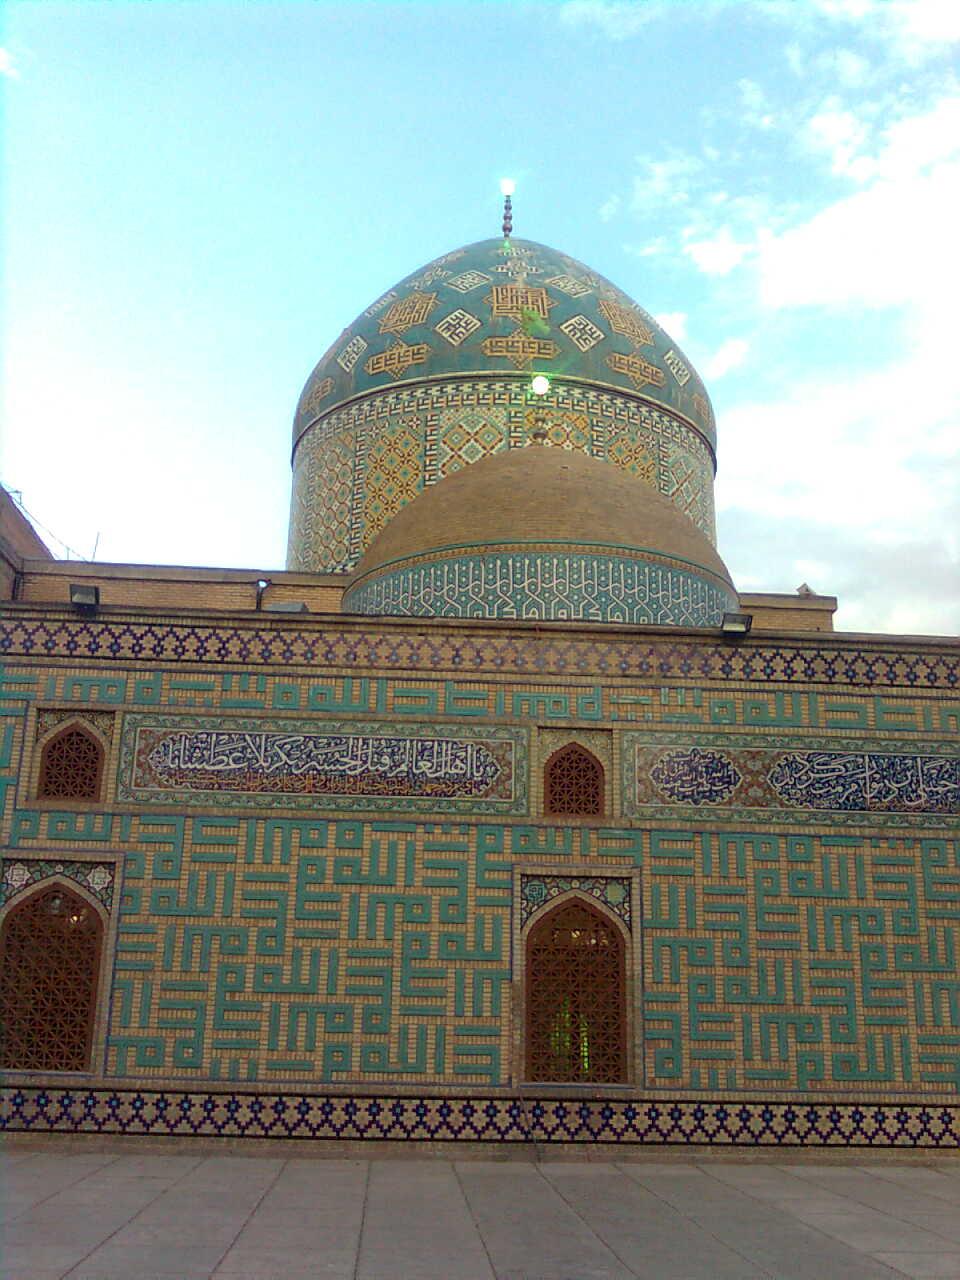 بارگاه امامزاده محروق نیشابور+عکس